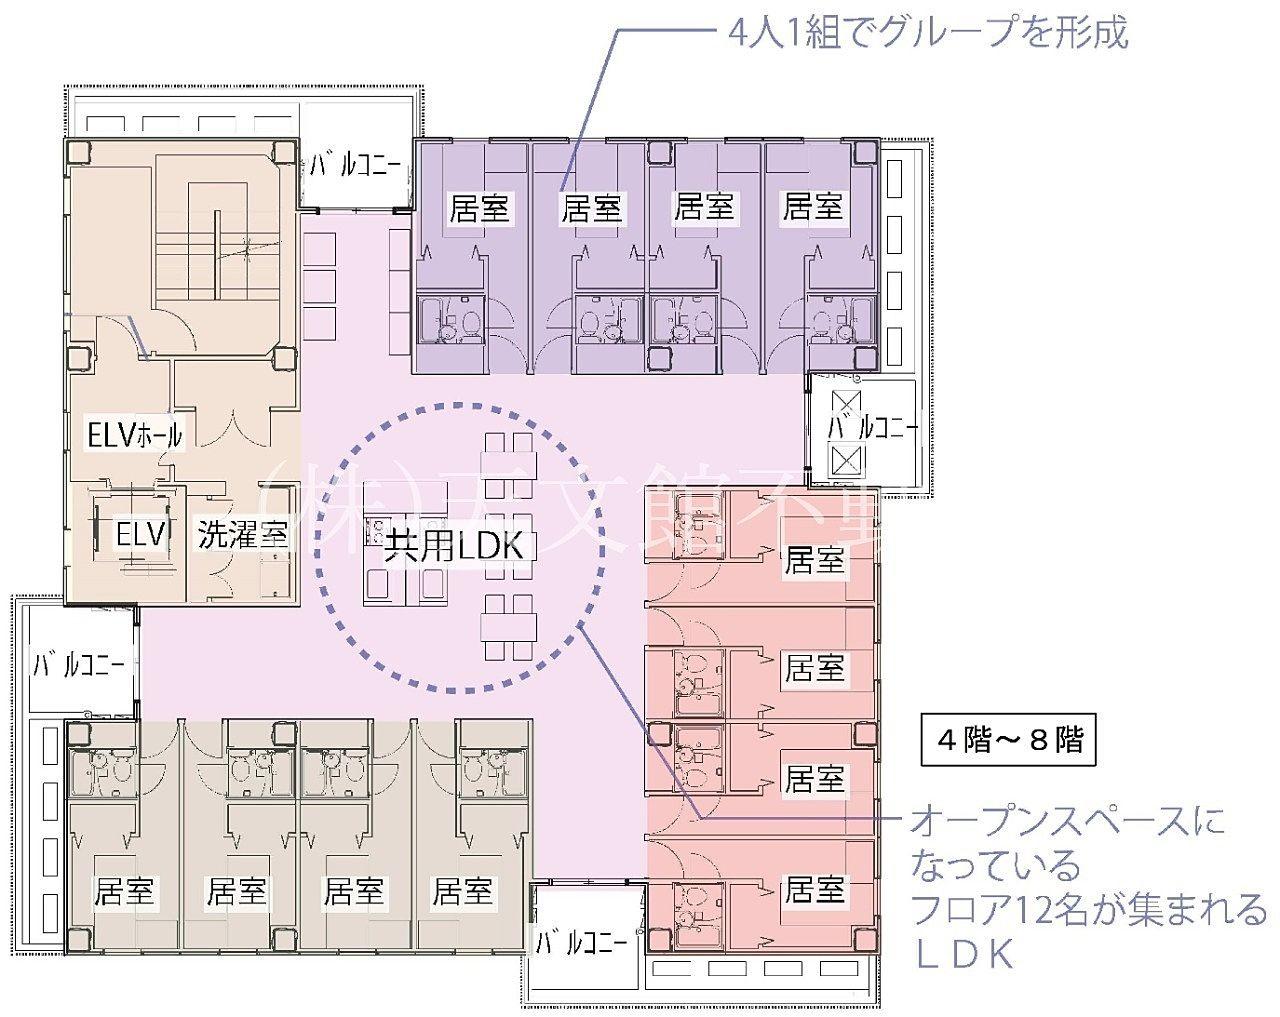 鹿児島市加治屋町の鹿児島国際交流センターの4階の見取り図